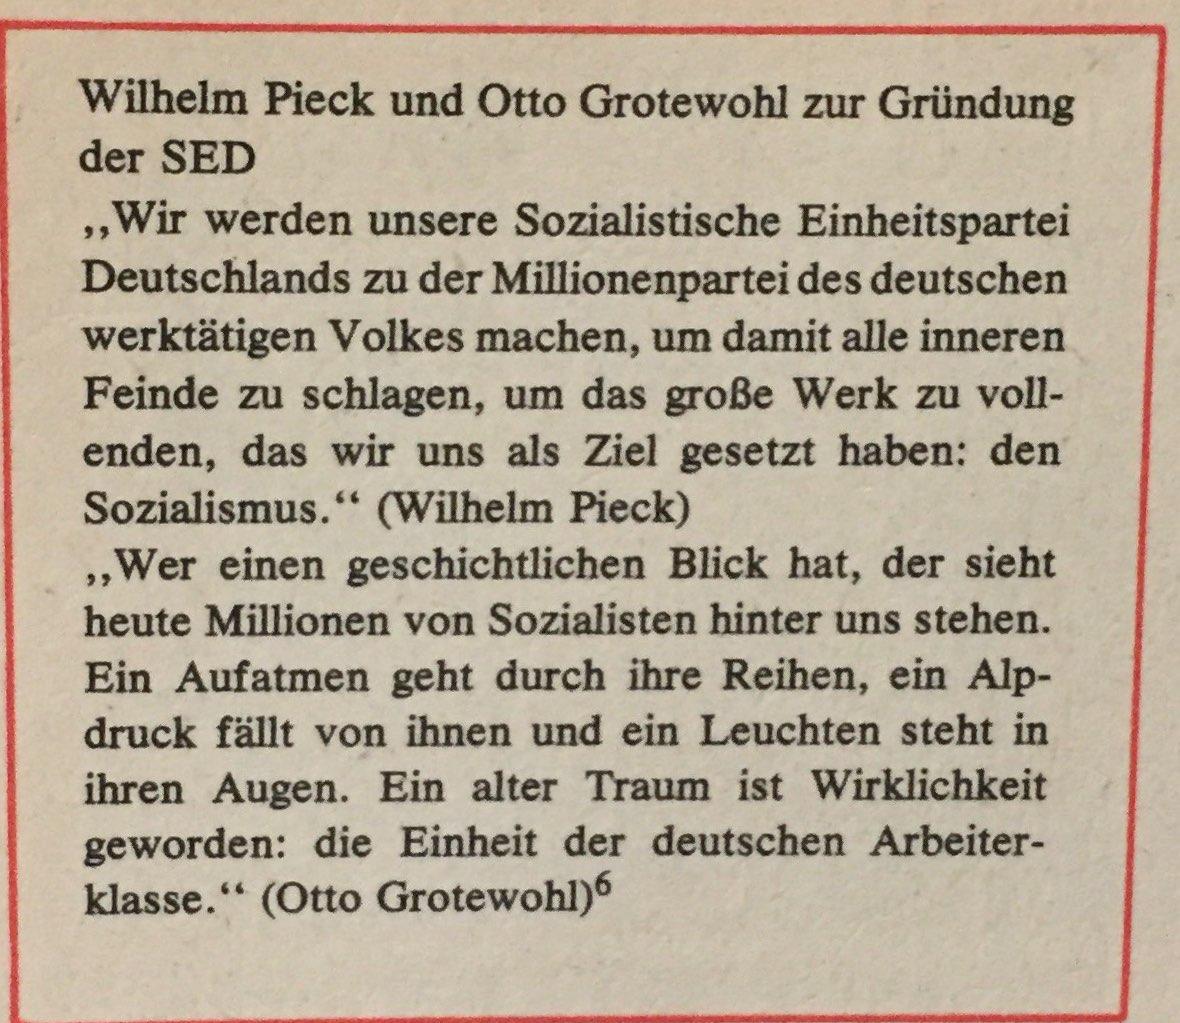 Pieck und Grotewohl zu Gründung der SED